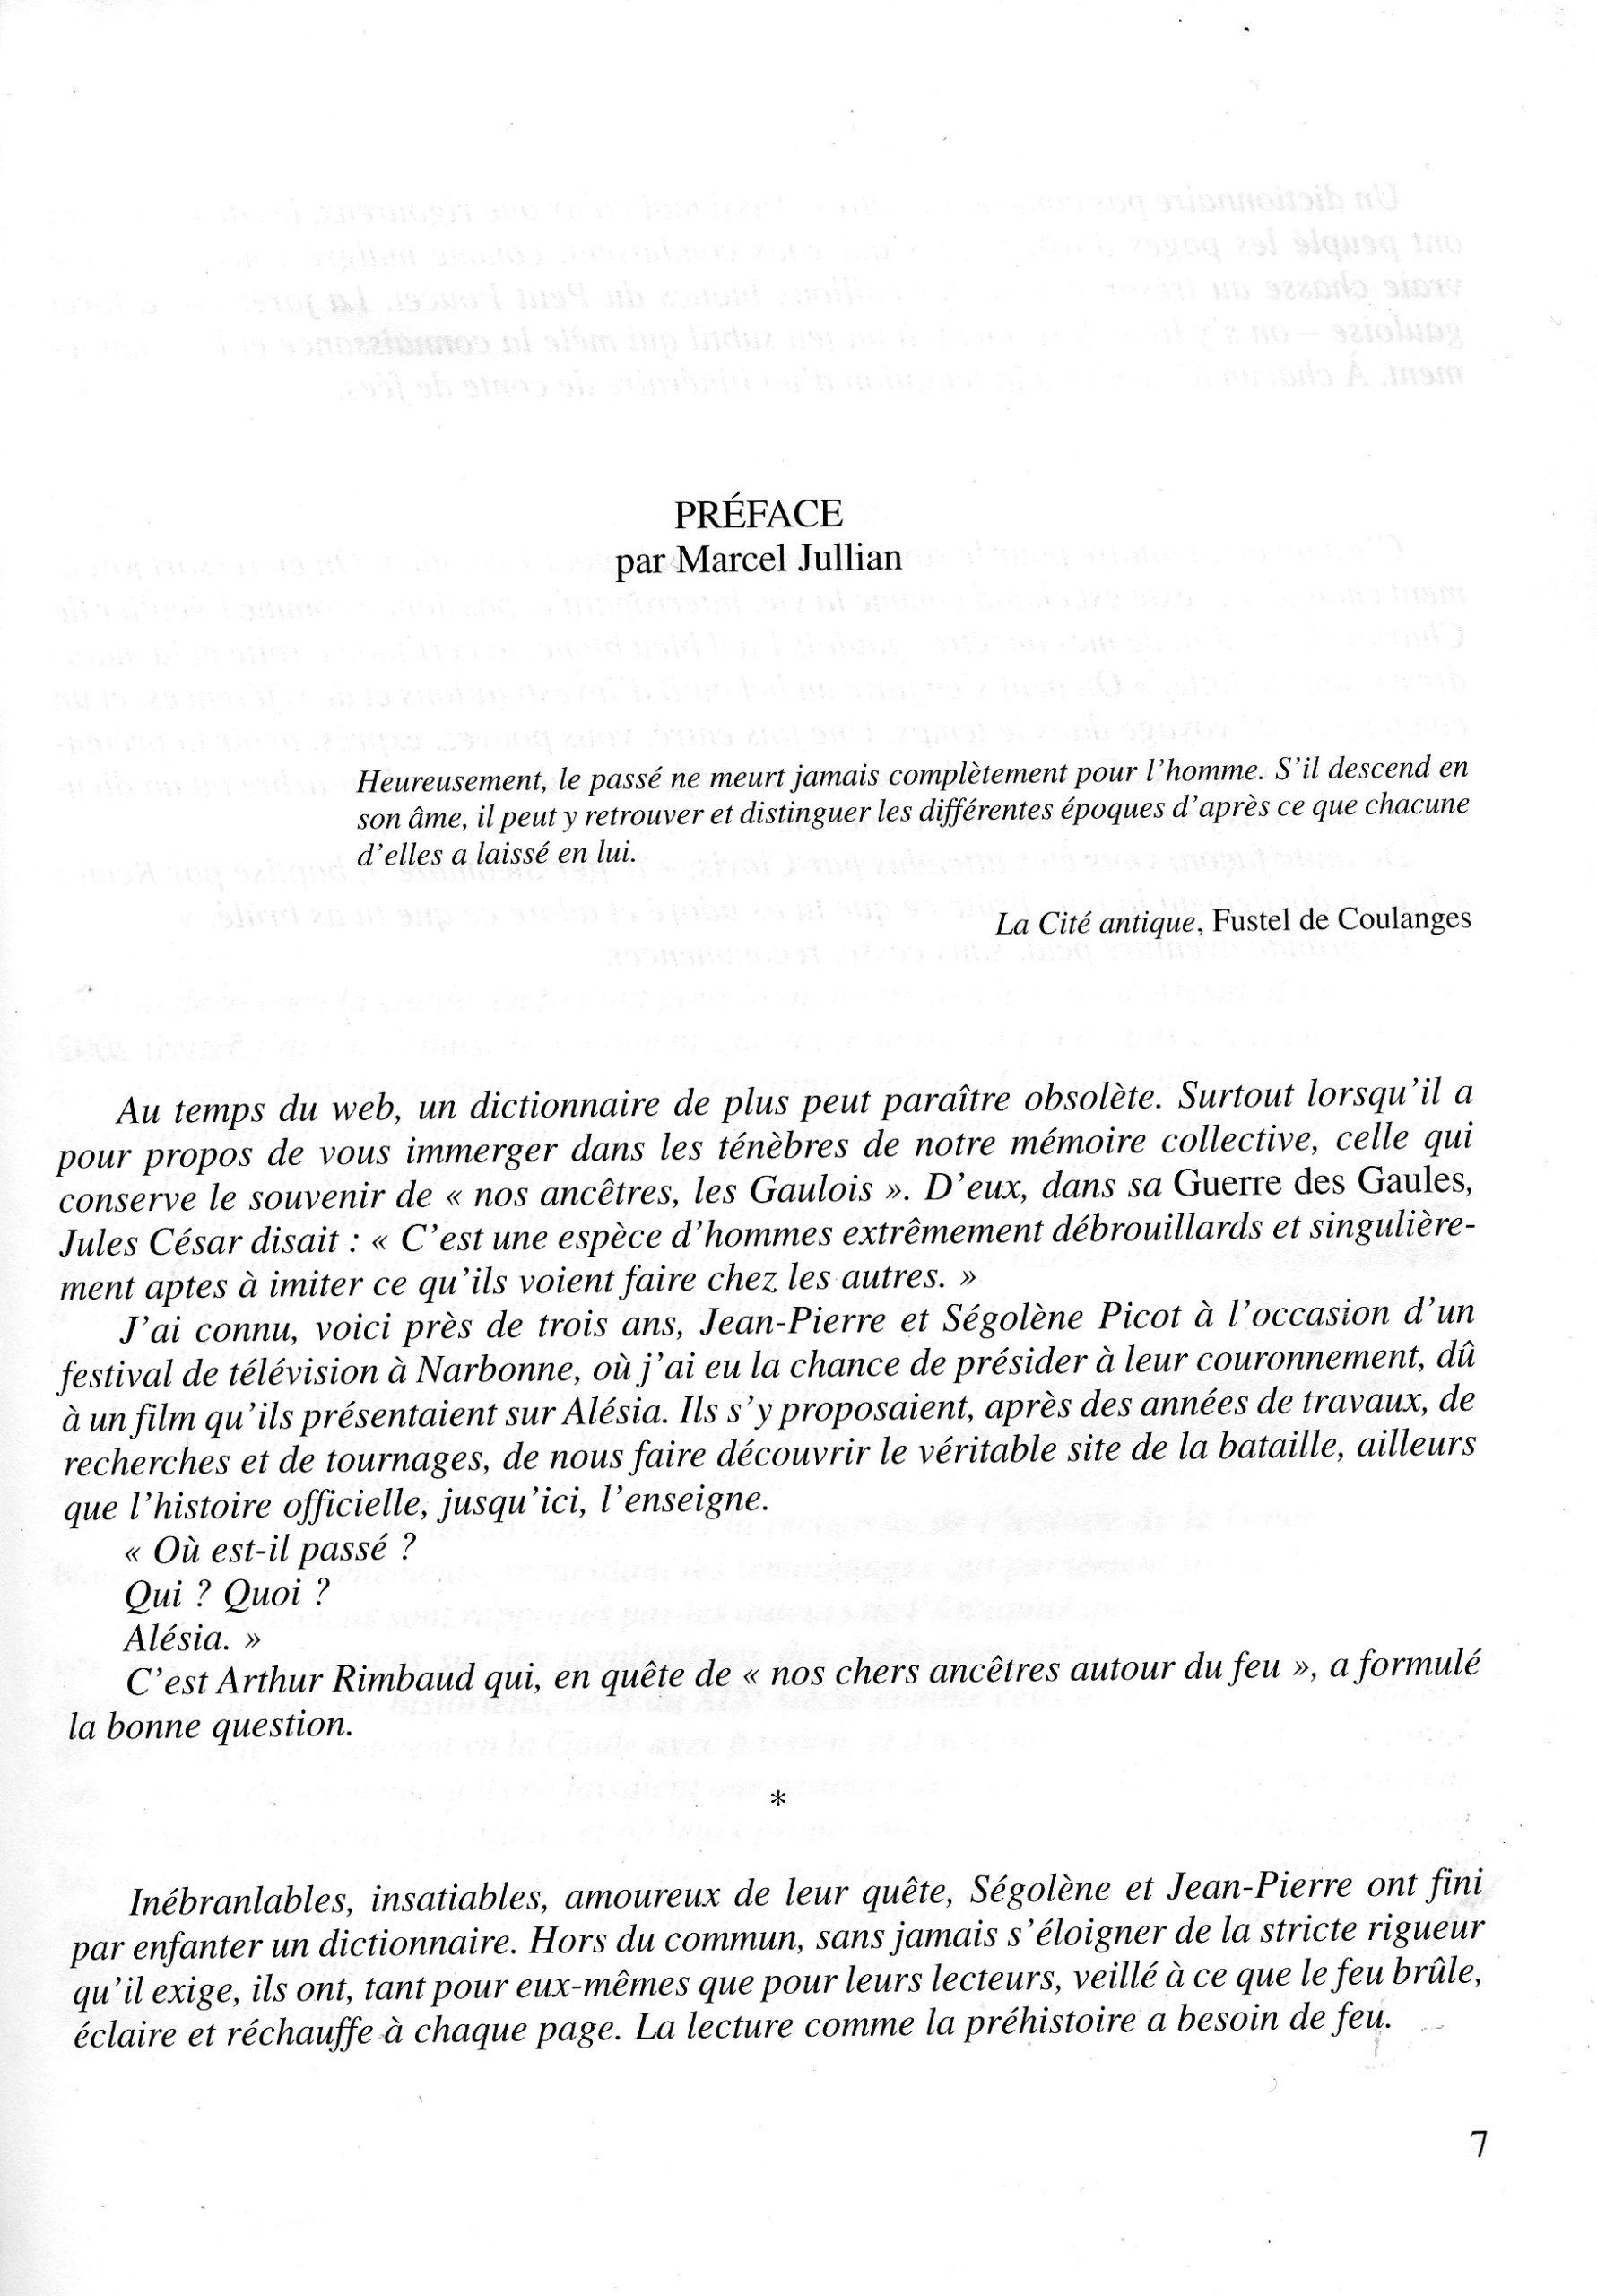 Preface de Marcel Julian